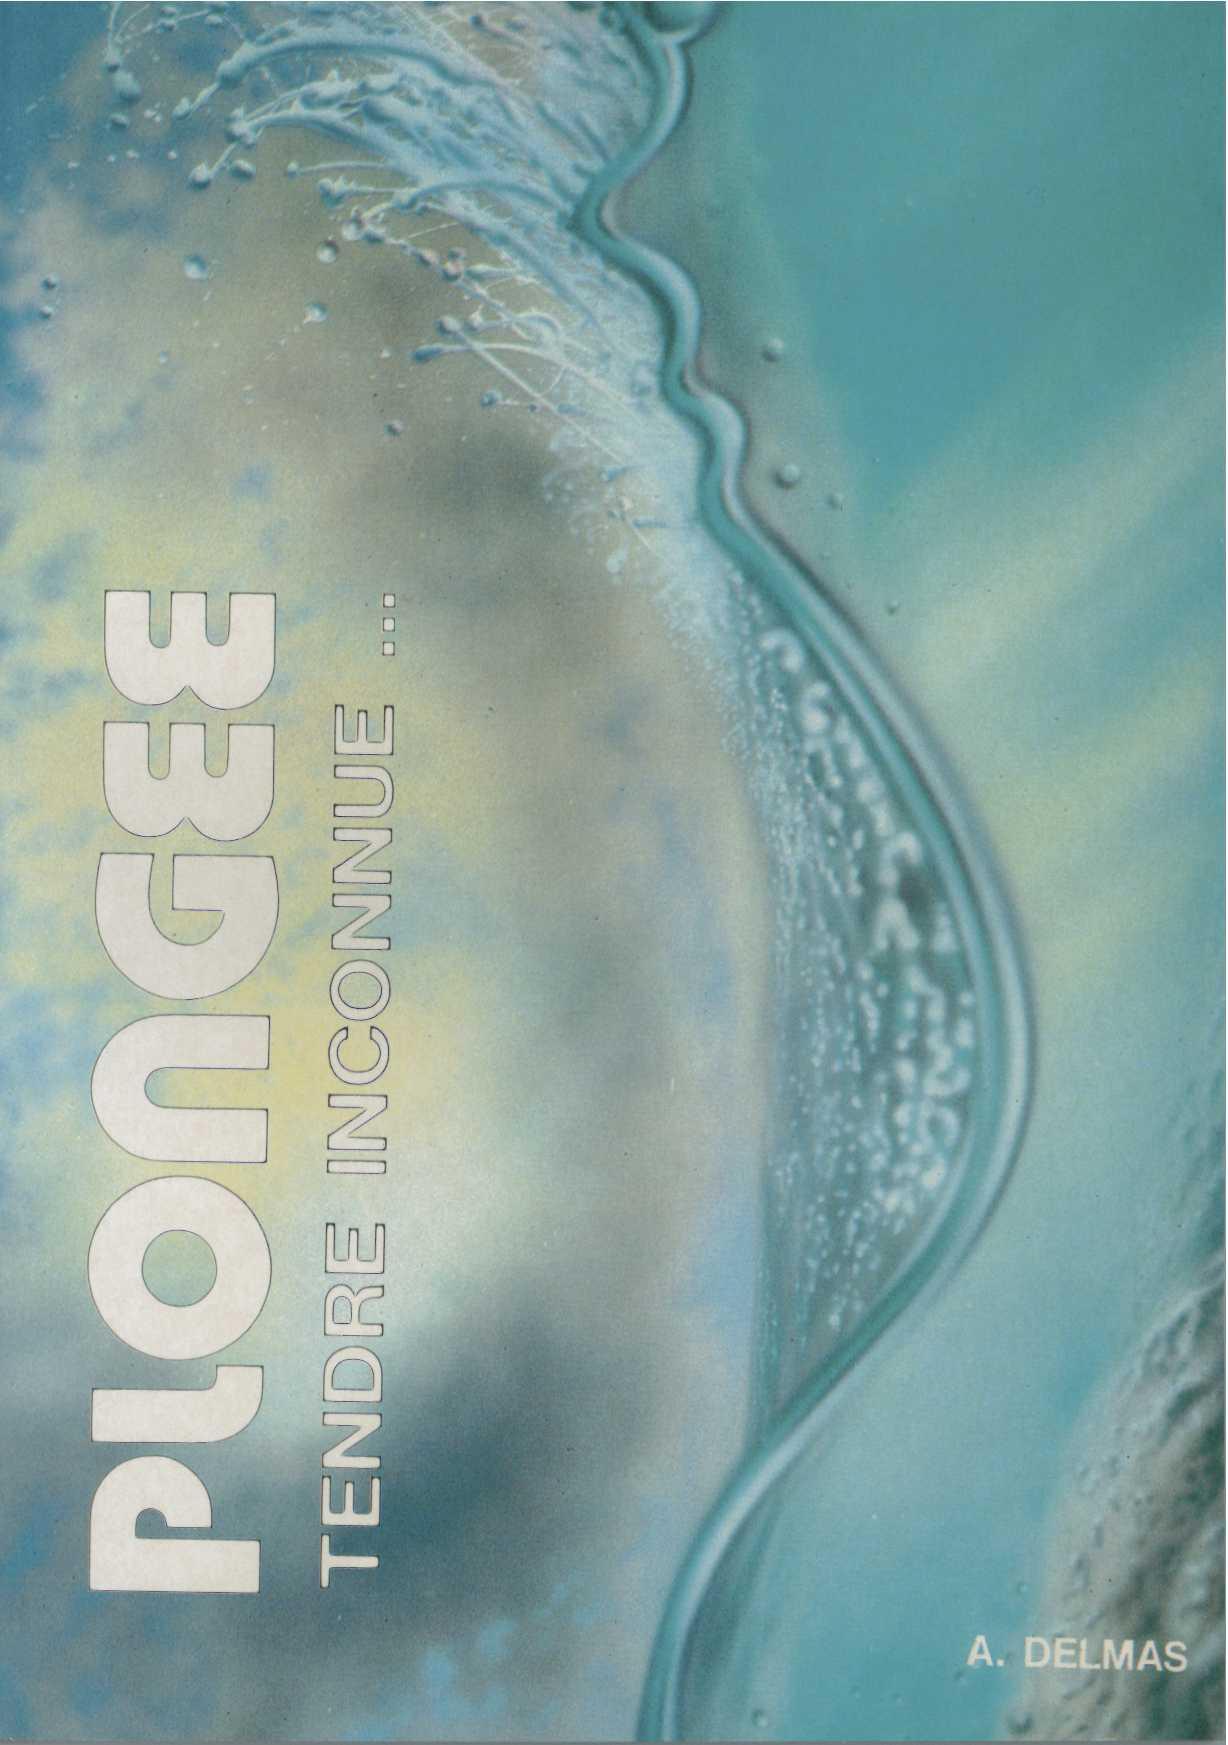 Plongée tendre inconnue, ouvrage d'Alain Delmas (89)